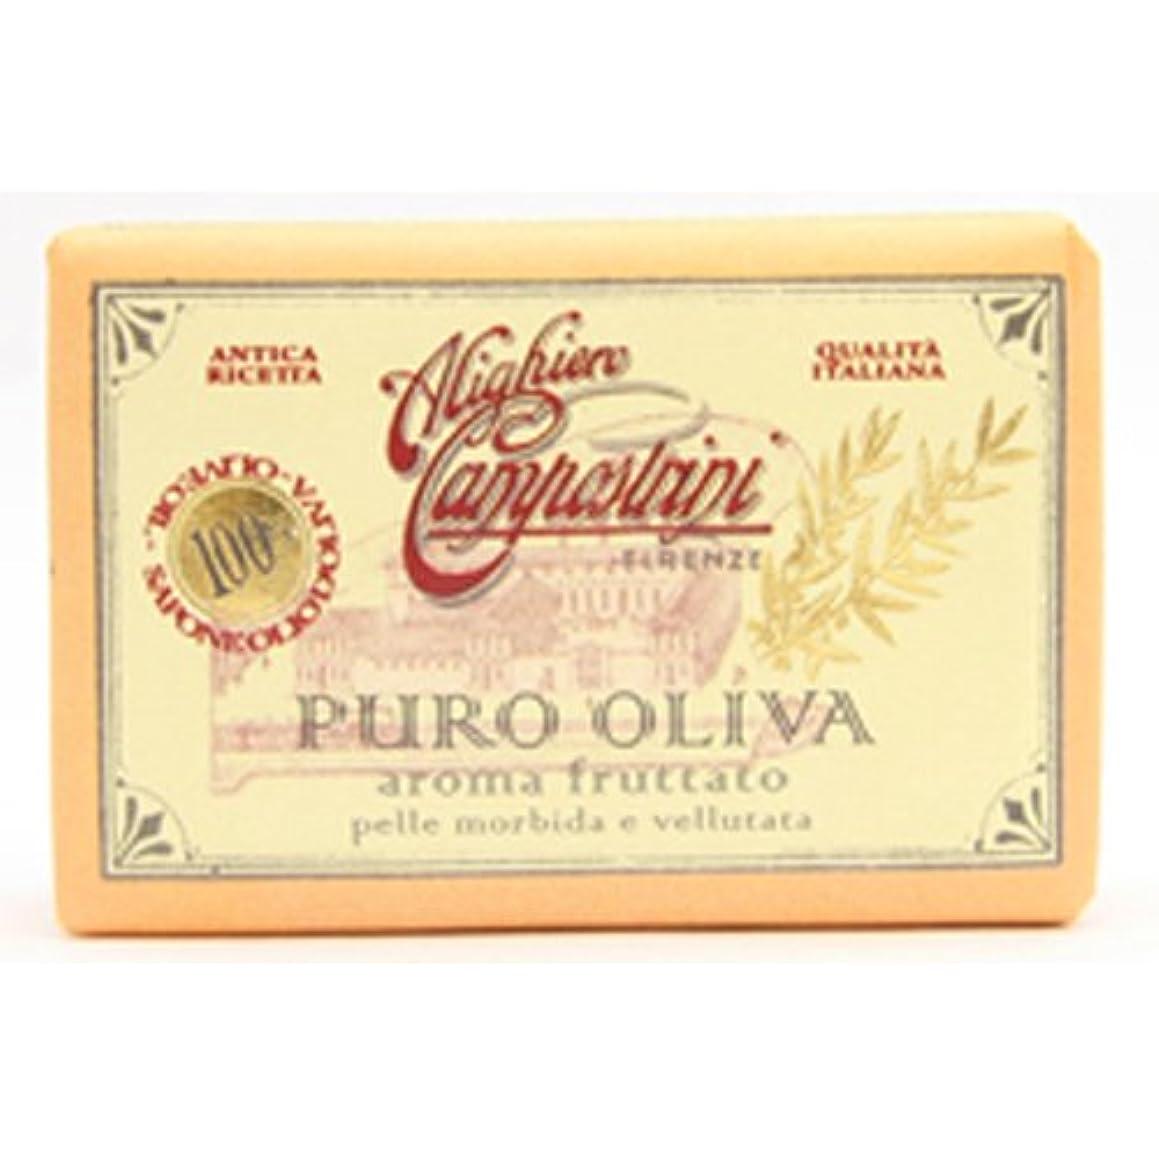 奇跡パン起訴するSaponerire Fissi サポネリーフィッシー PURO OLIVA Soap オリーブオイル ピュロ ソープ Aroma fruttato フルーツ(オレンジ)